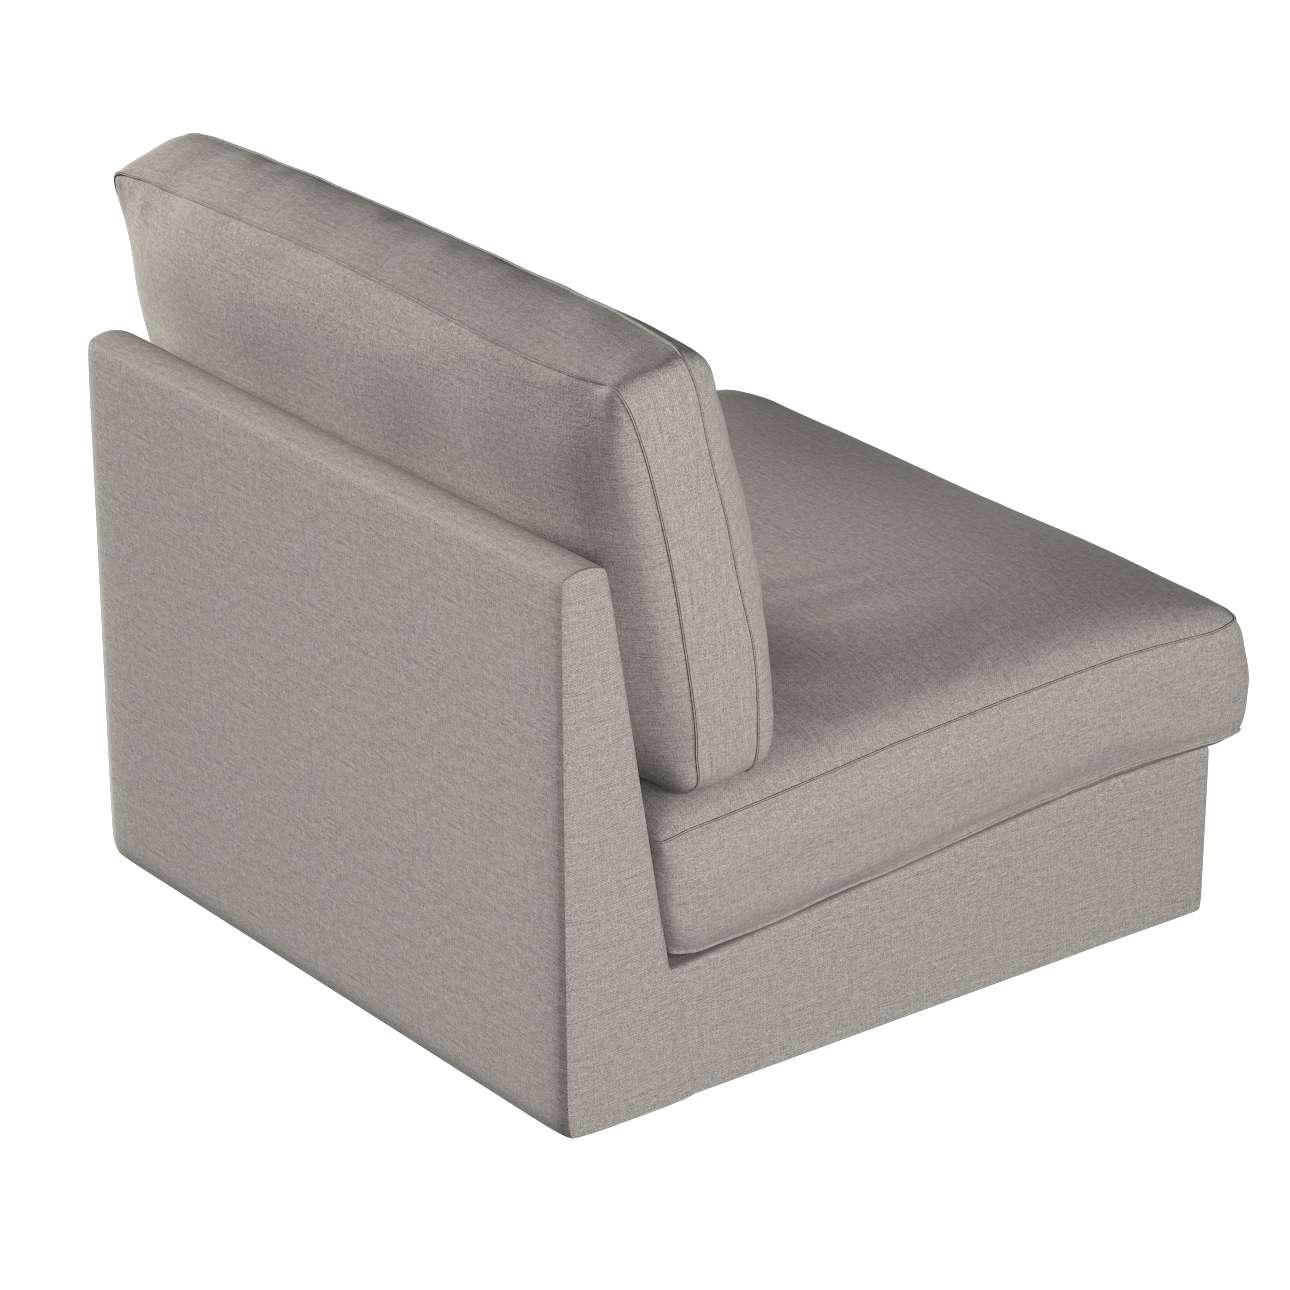 Kivik päällinen nojatuoli mallistosta Edinburgh, Kangas: 115-77